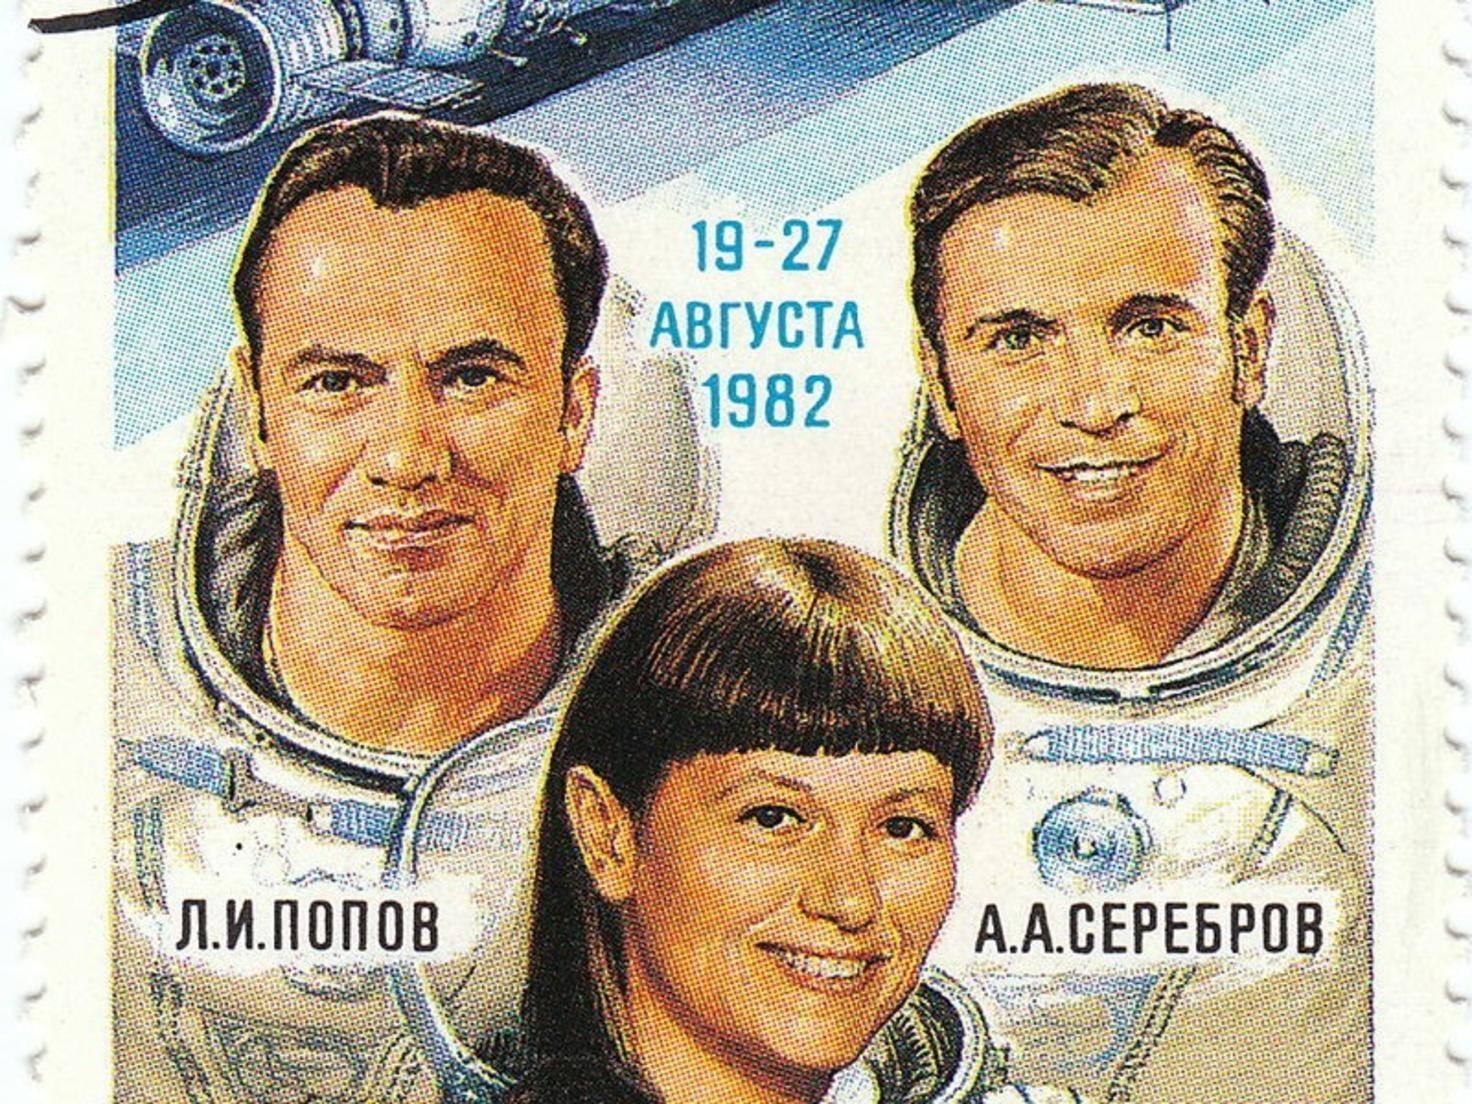 Briefmarke Alexander Serebrow.jpg